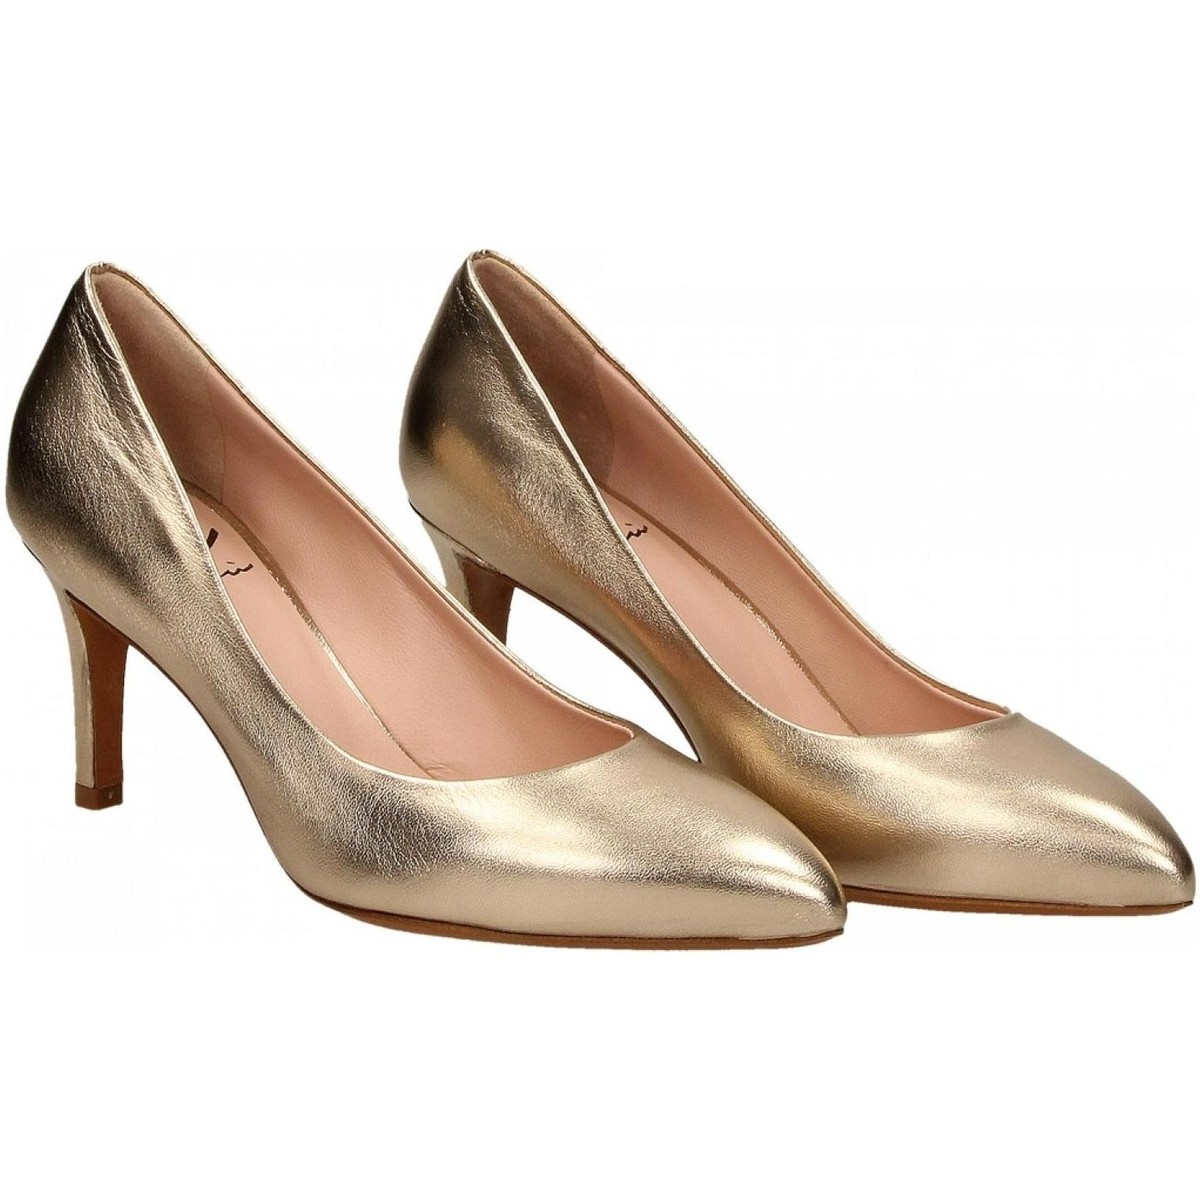 Malù Escarpins Malù Escarpins Chaussures Chaussures Malù Laminato Laminato dCWroeBx